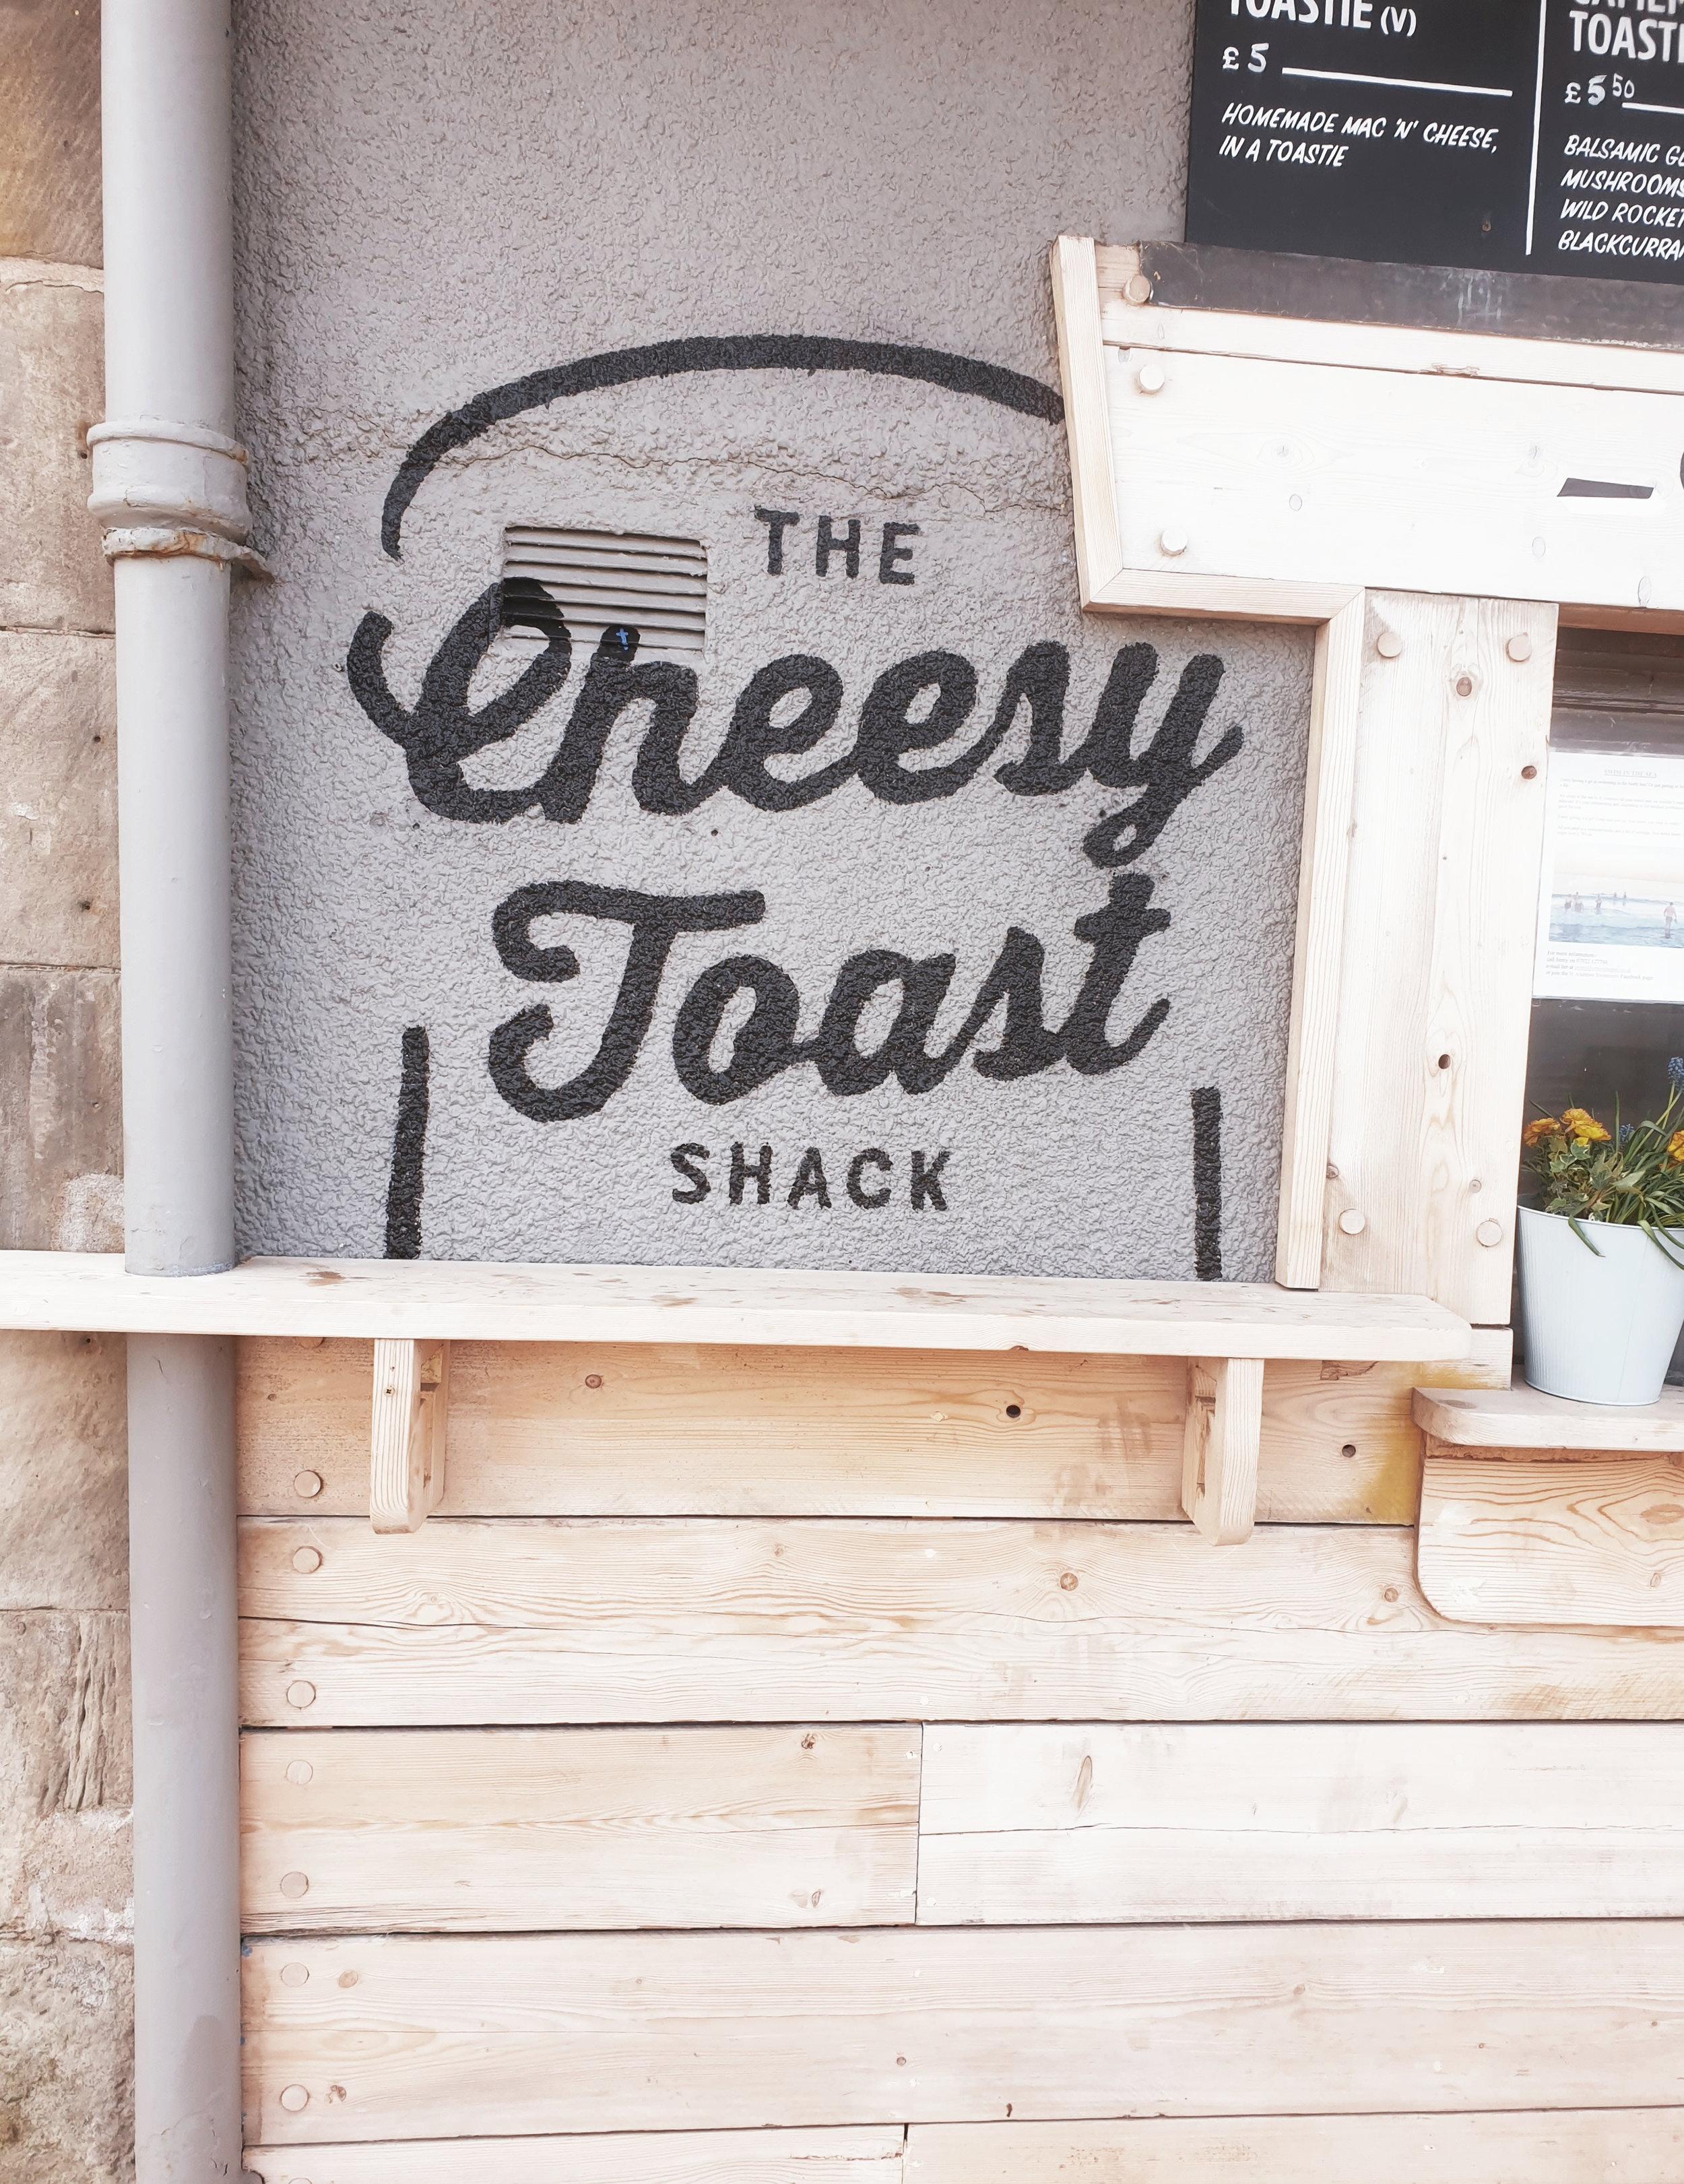 Best cheese sandwiches in Scotland